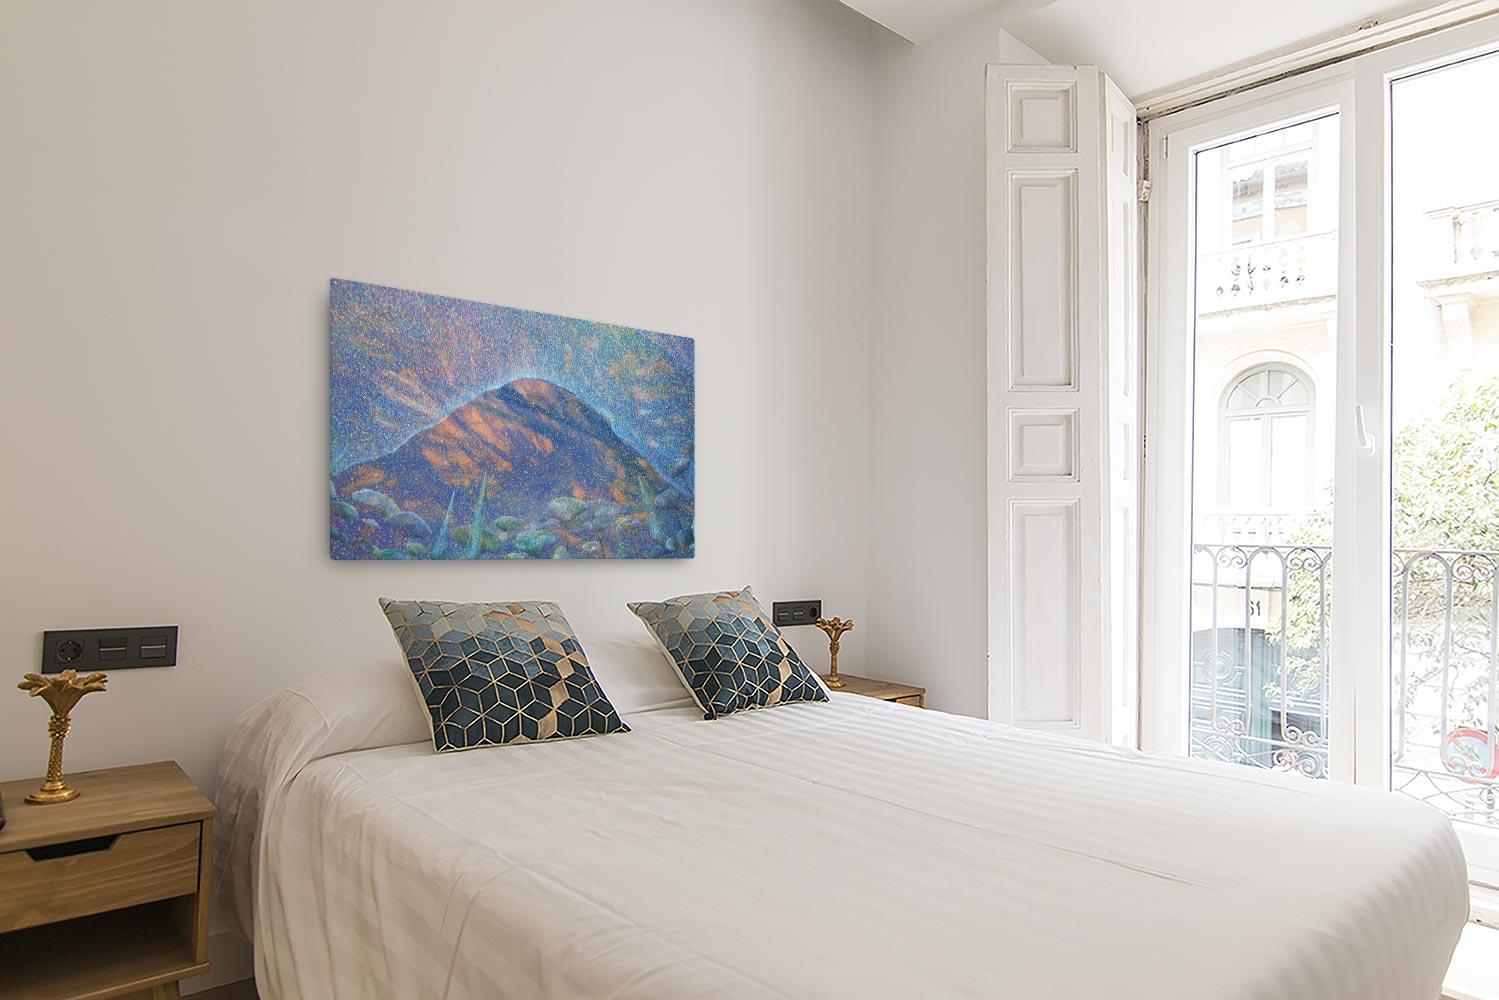 Reproducción de arte en lienzo - dormitorio con balcón - Alba en las Planas - Óleo - Paisaje - Puntillismo -pintado por Fernando Pagador